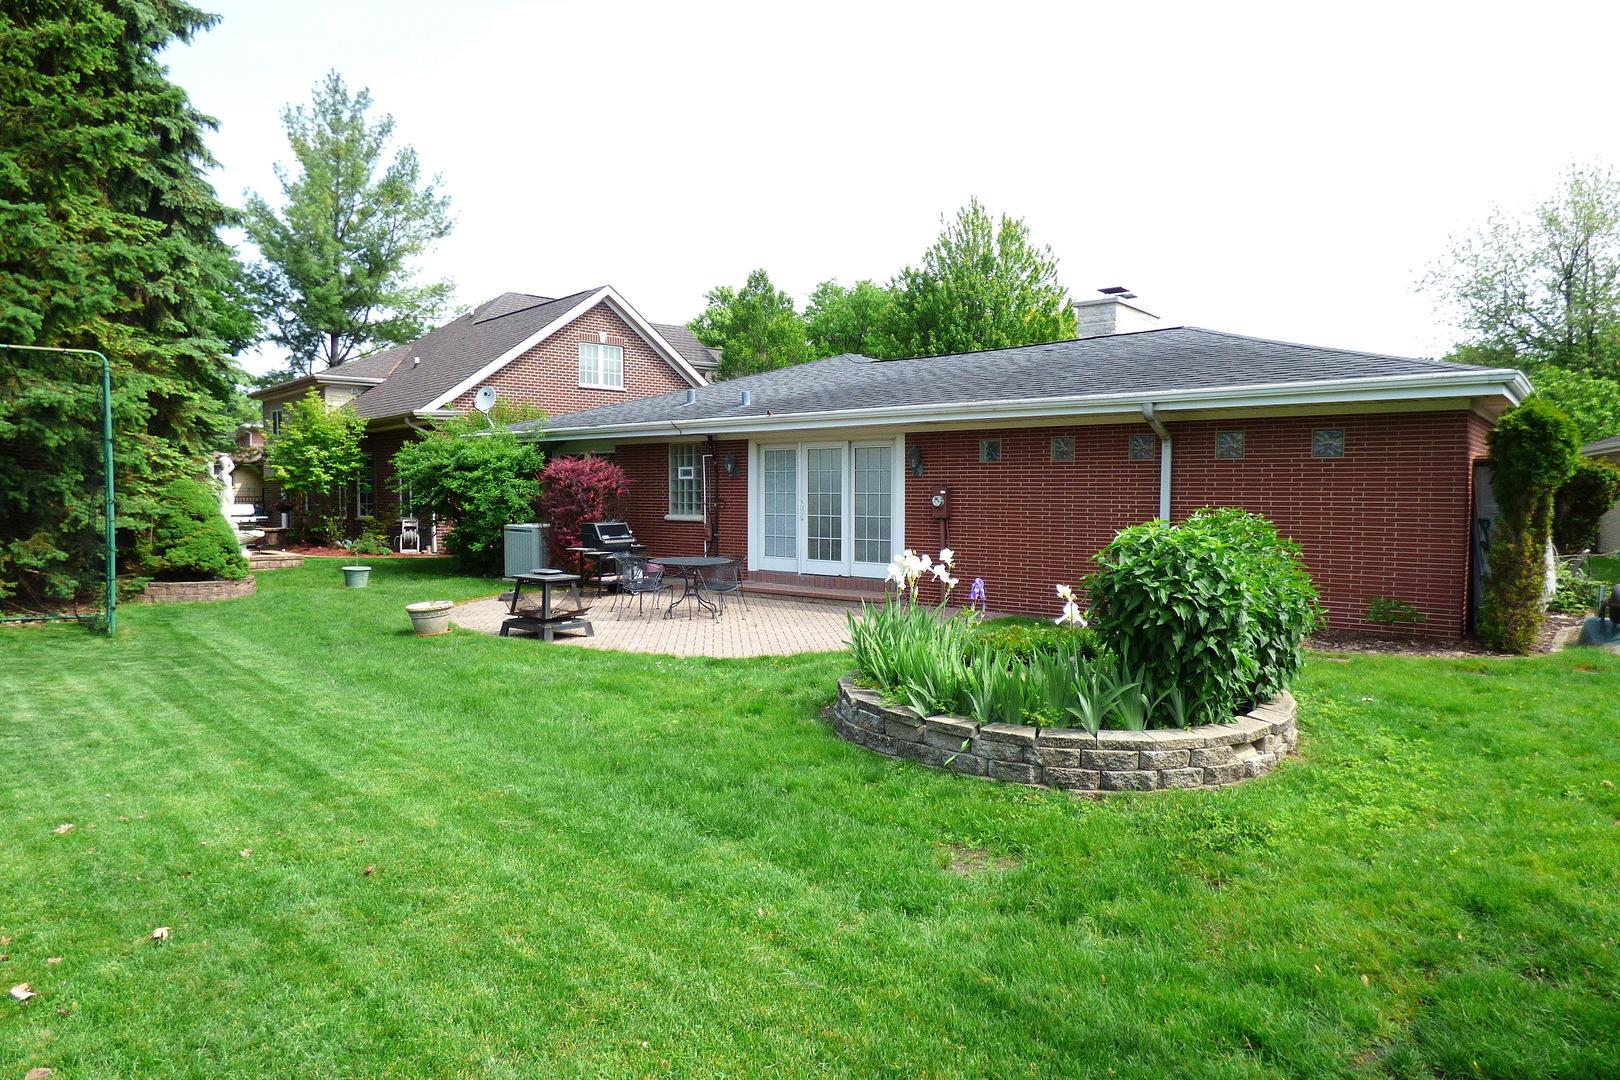 6844 North Concord, NILES, Illinois, 60714